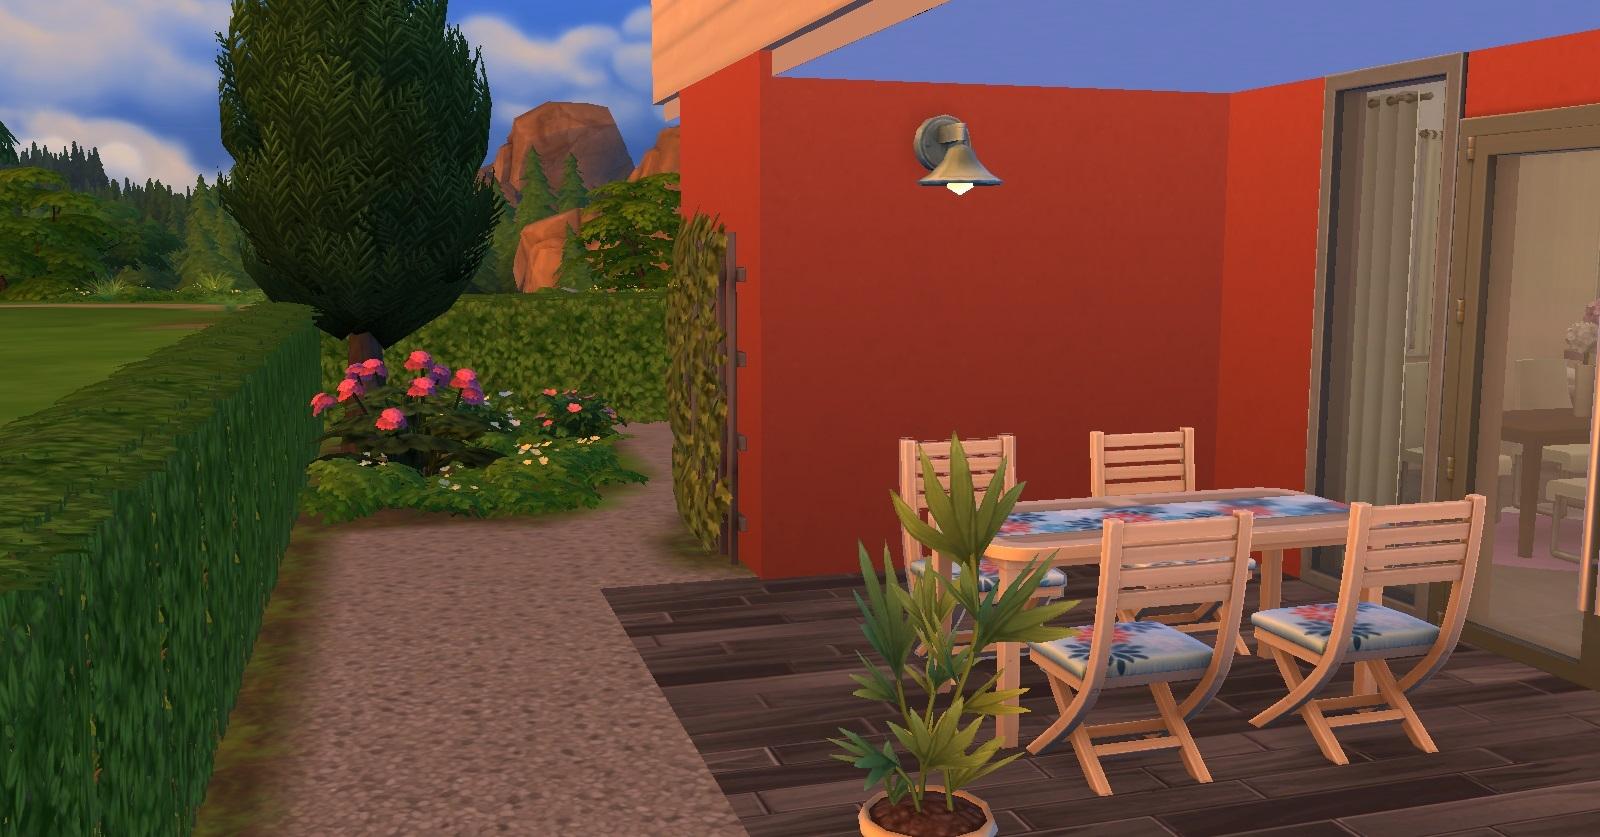 studio fonsine ultra moderne 01 02 page 18 les sims. Black Bedroom Furniture Sets. Home Design Ideas